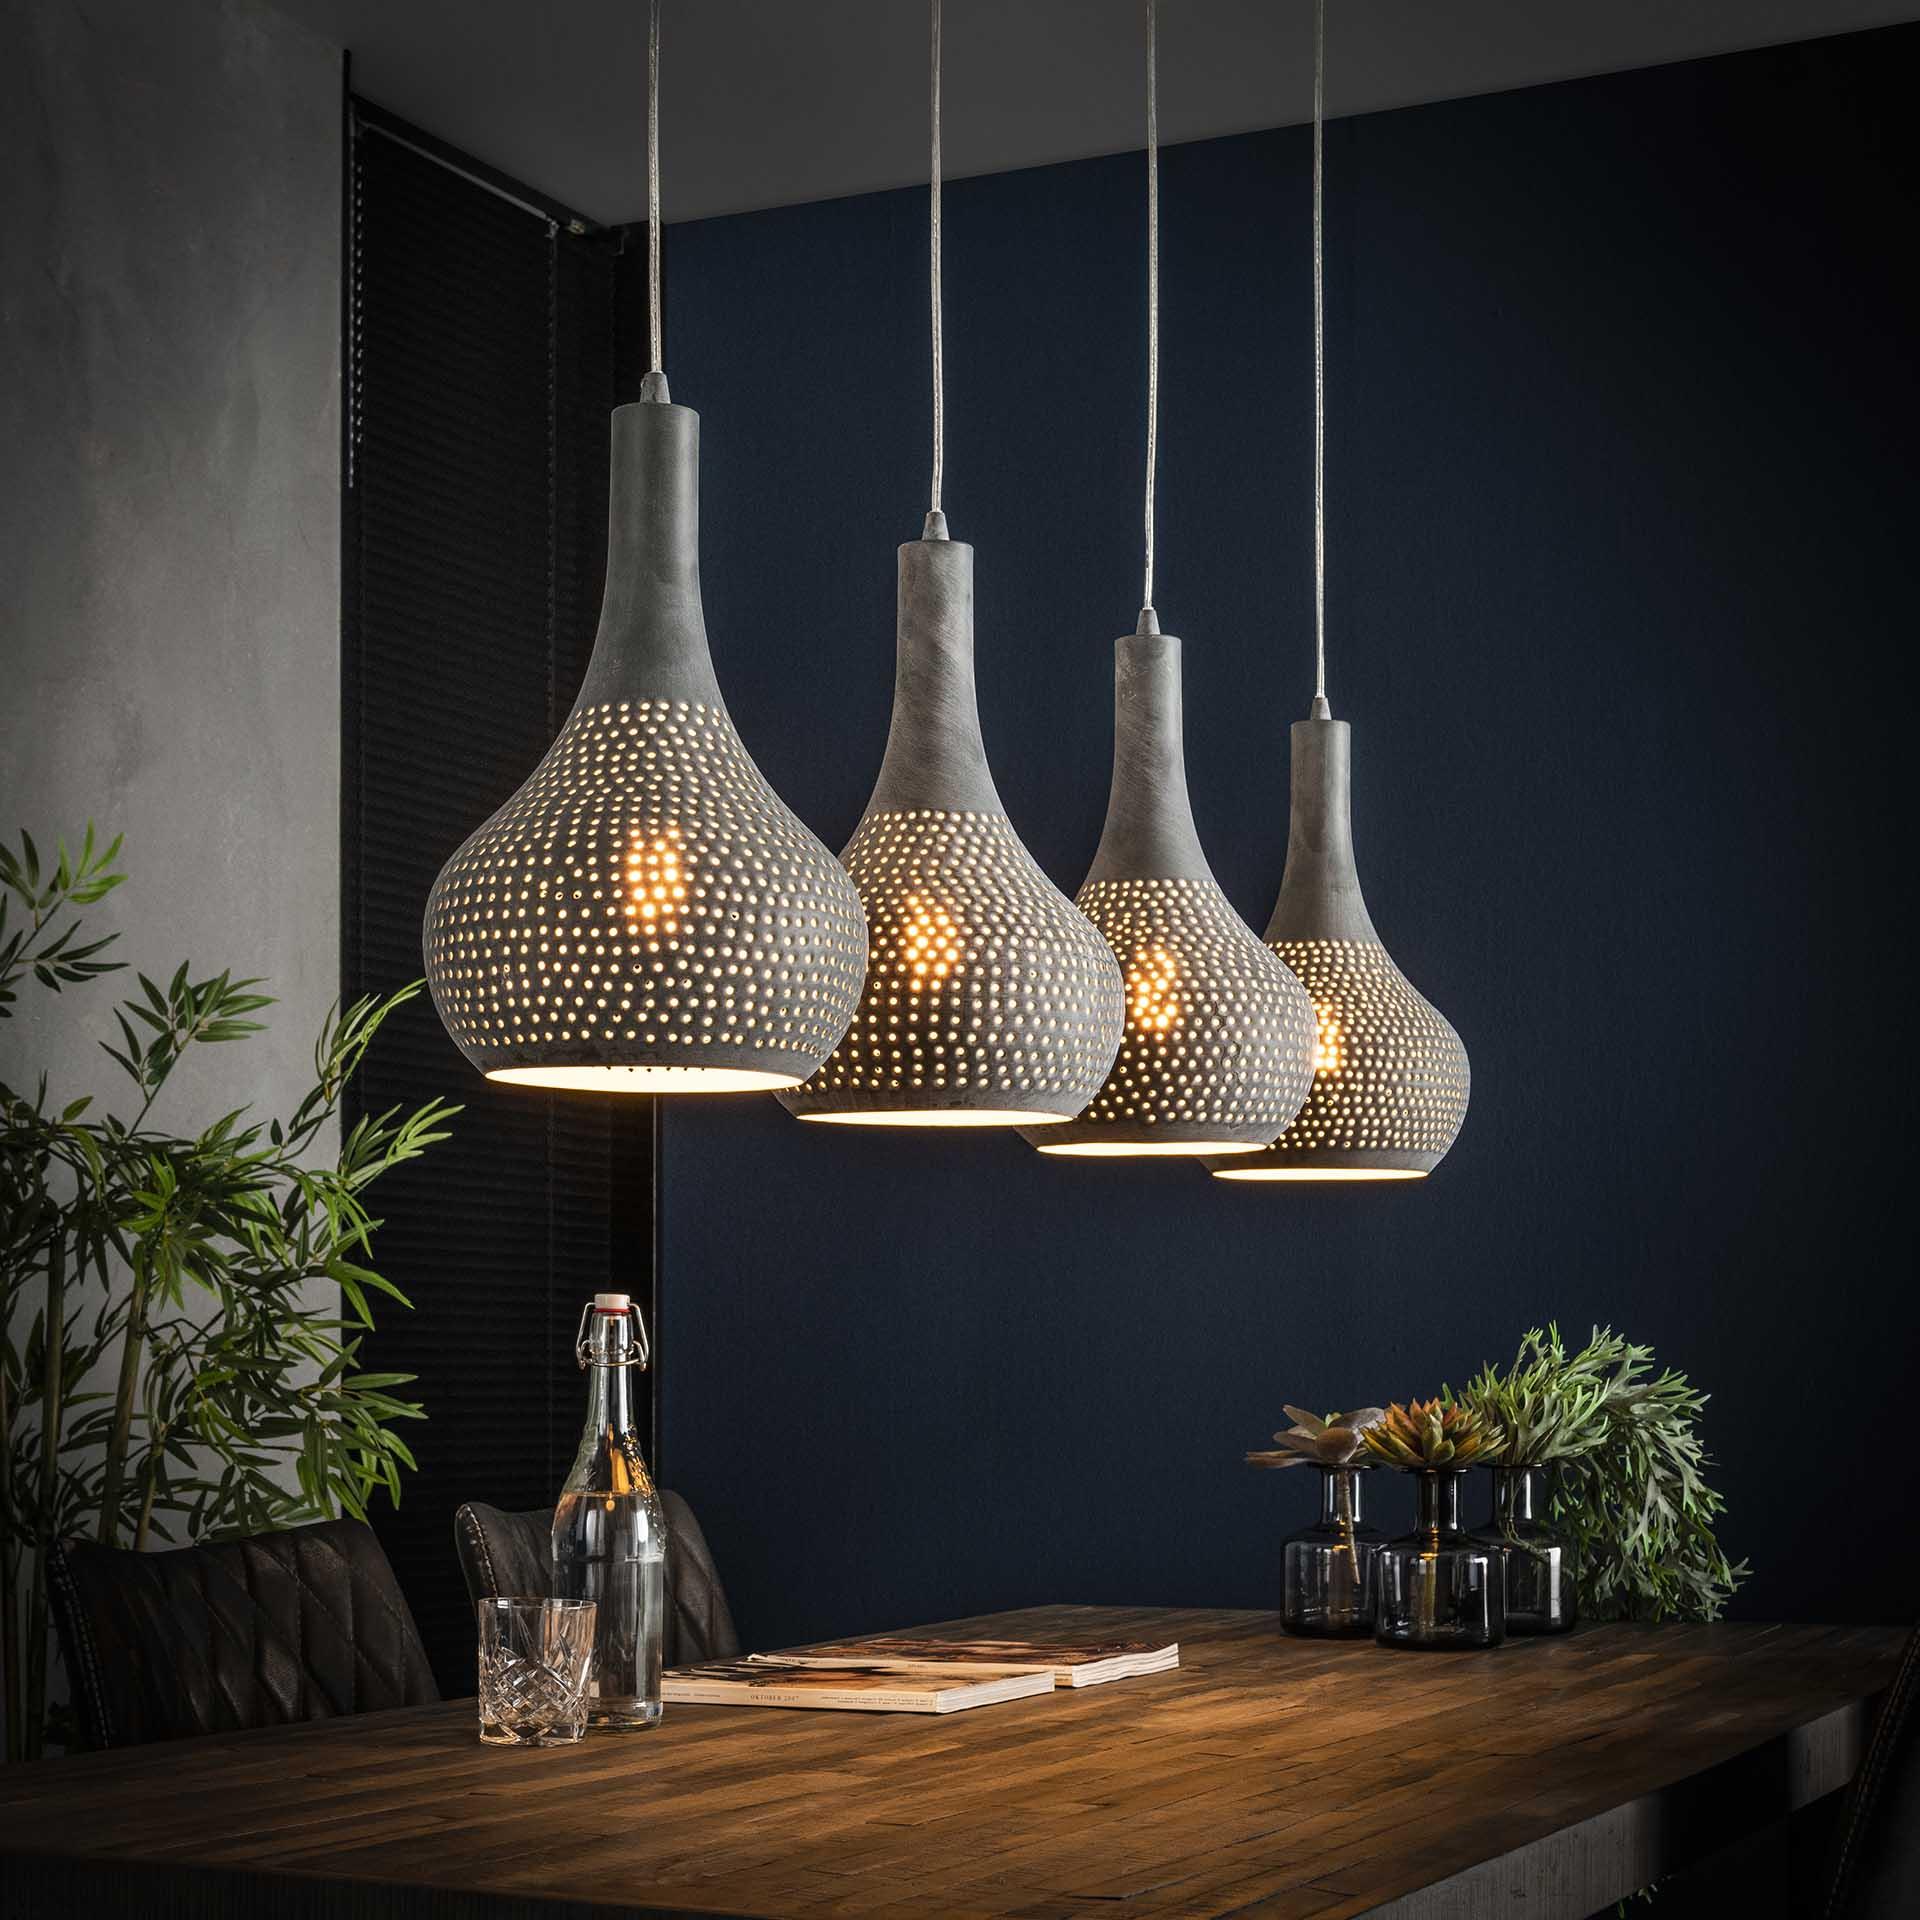 Bekend Hanglampen - Verlichting | Meubelpartner KT43